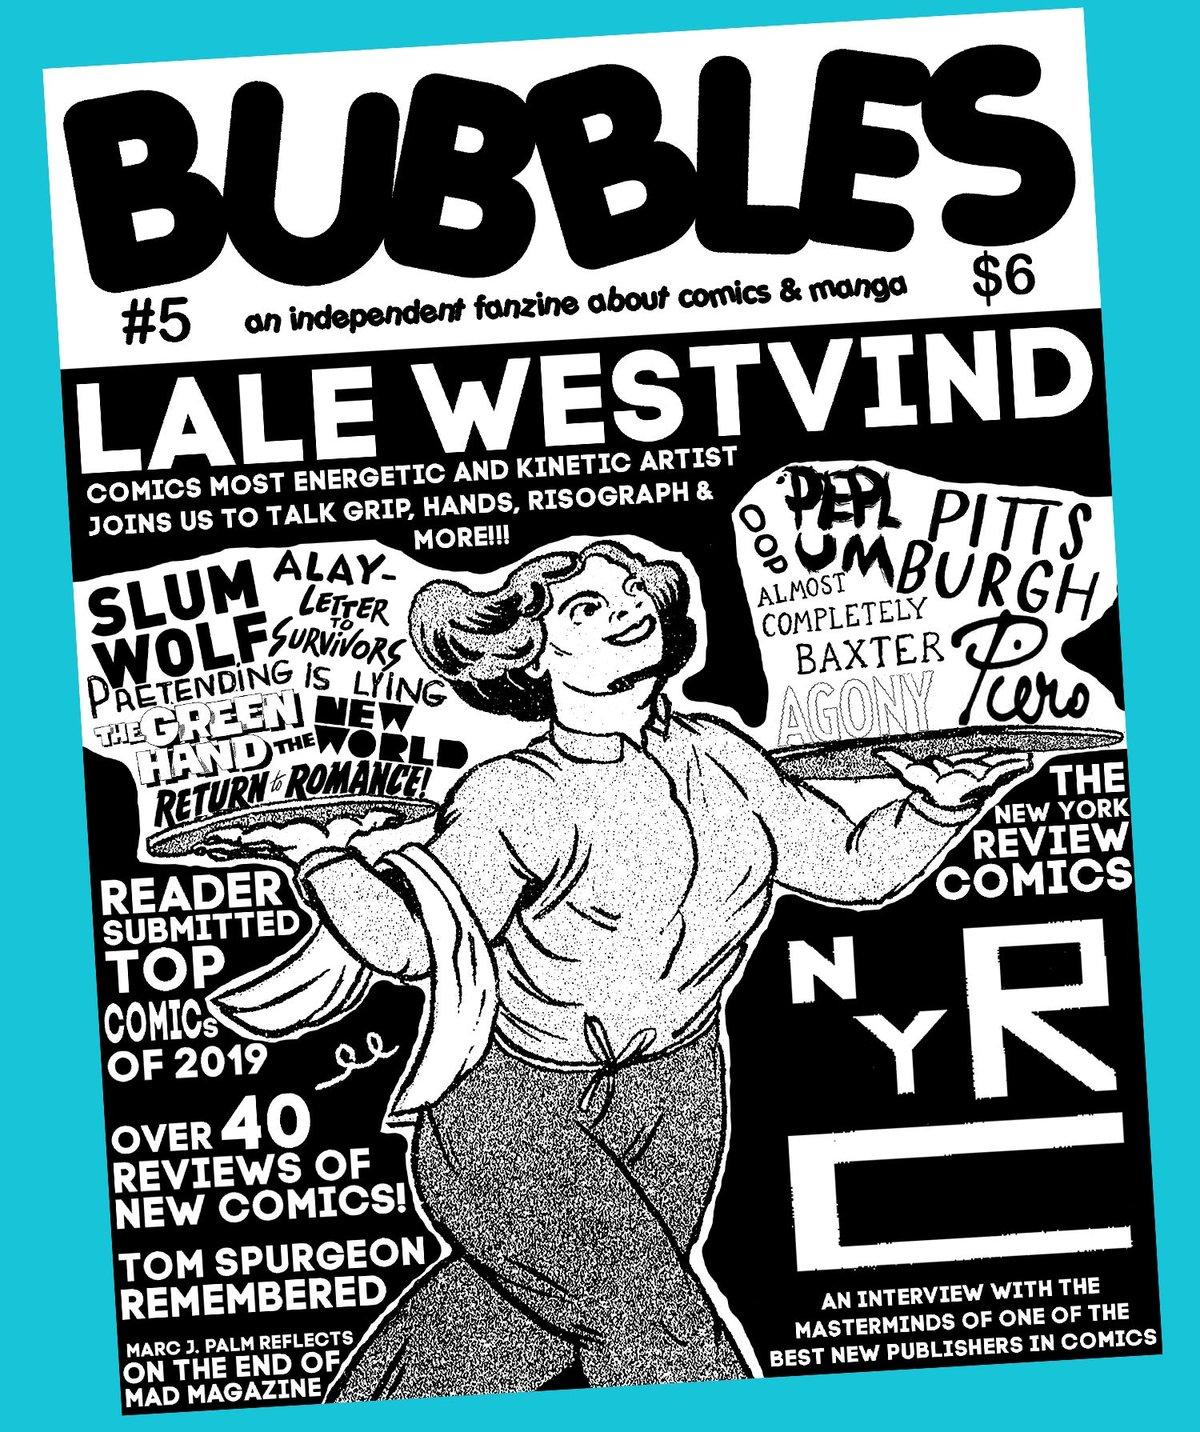 Image of Bubbles zine #5